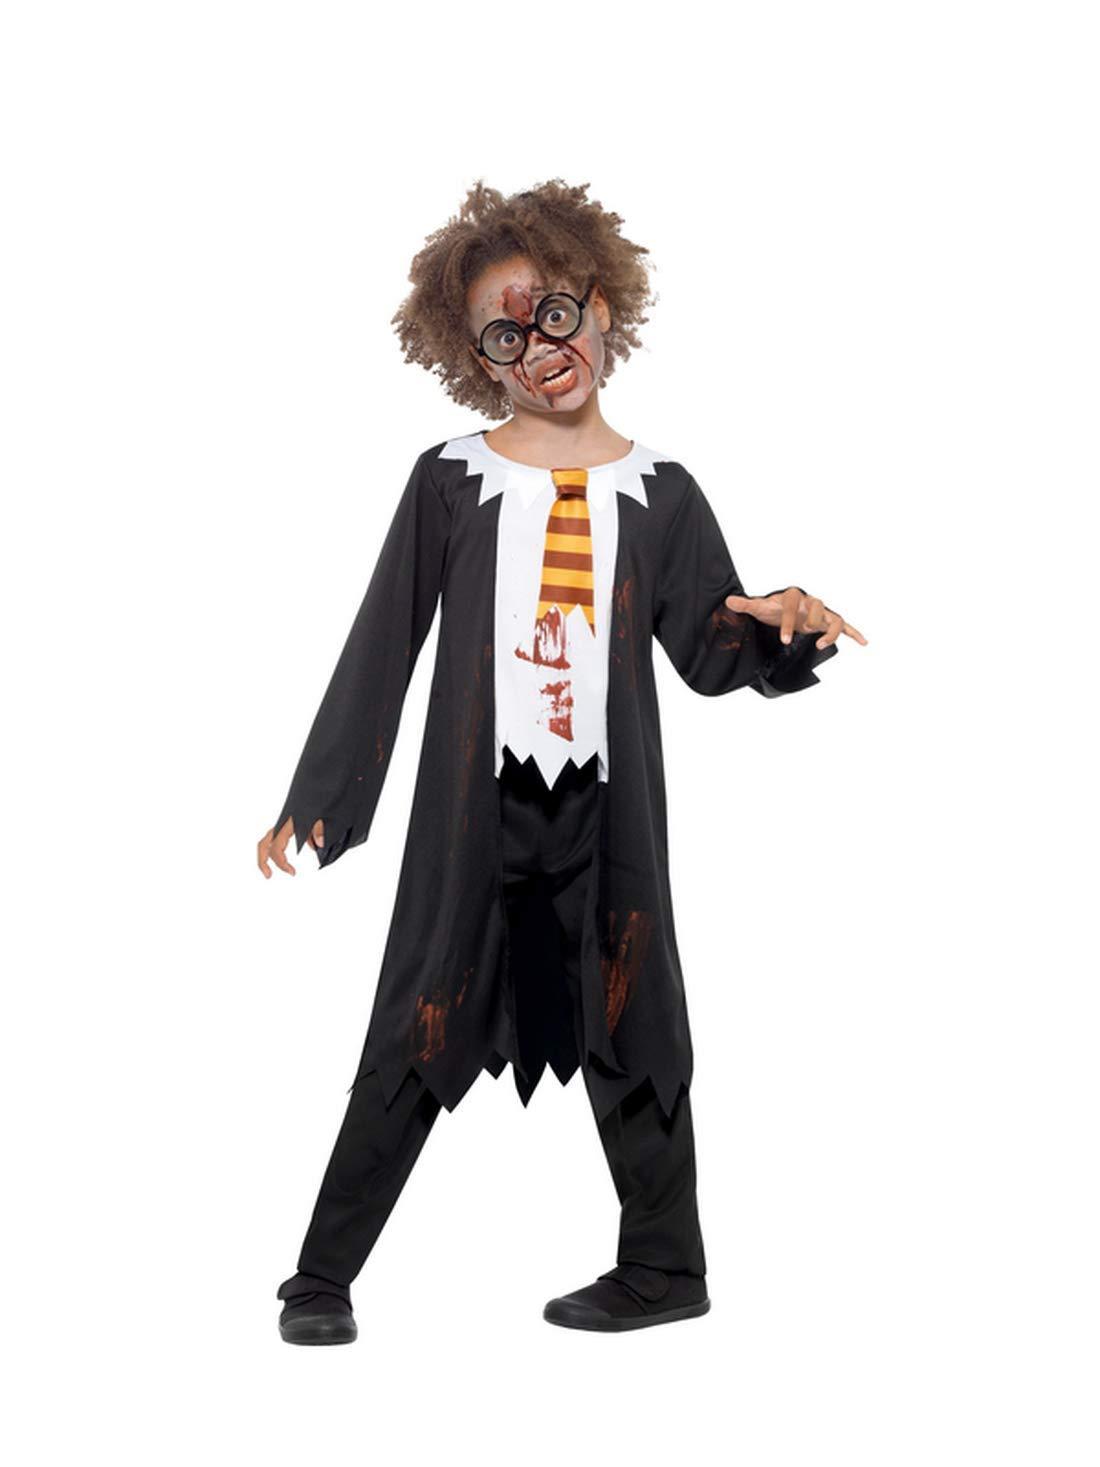 Halloweenia Disfraz de Zombi para niños, Halloween, Carnaval y ...